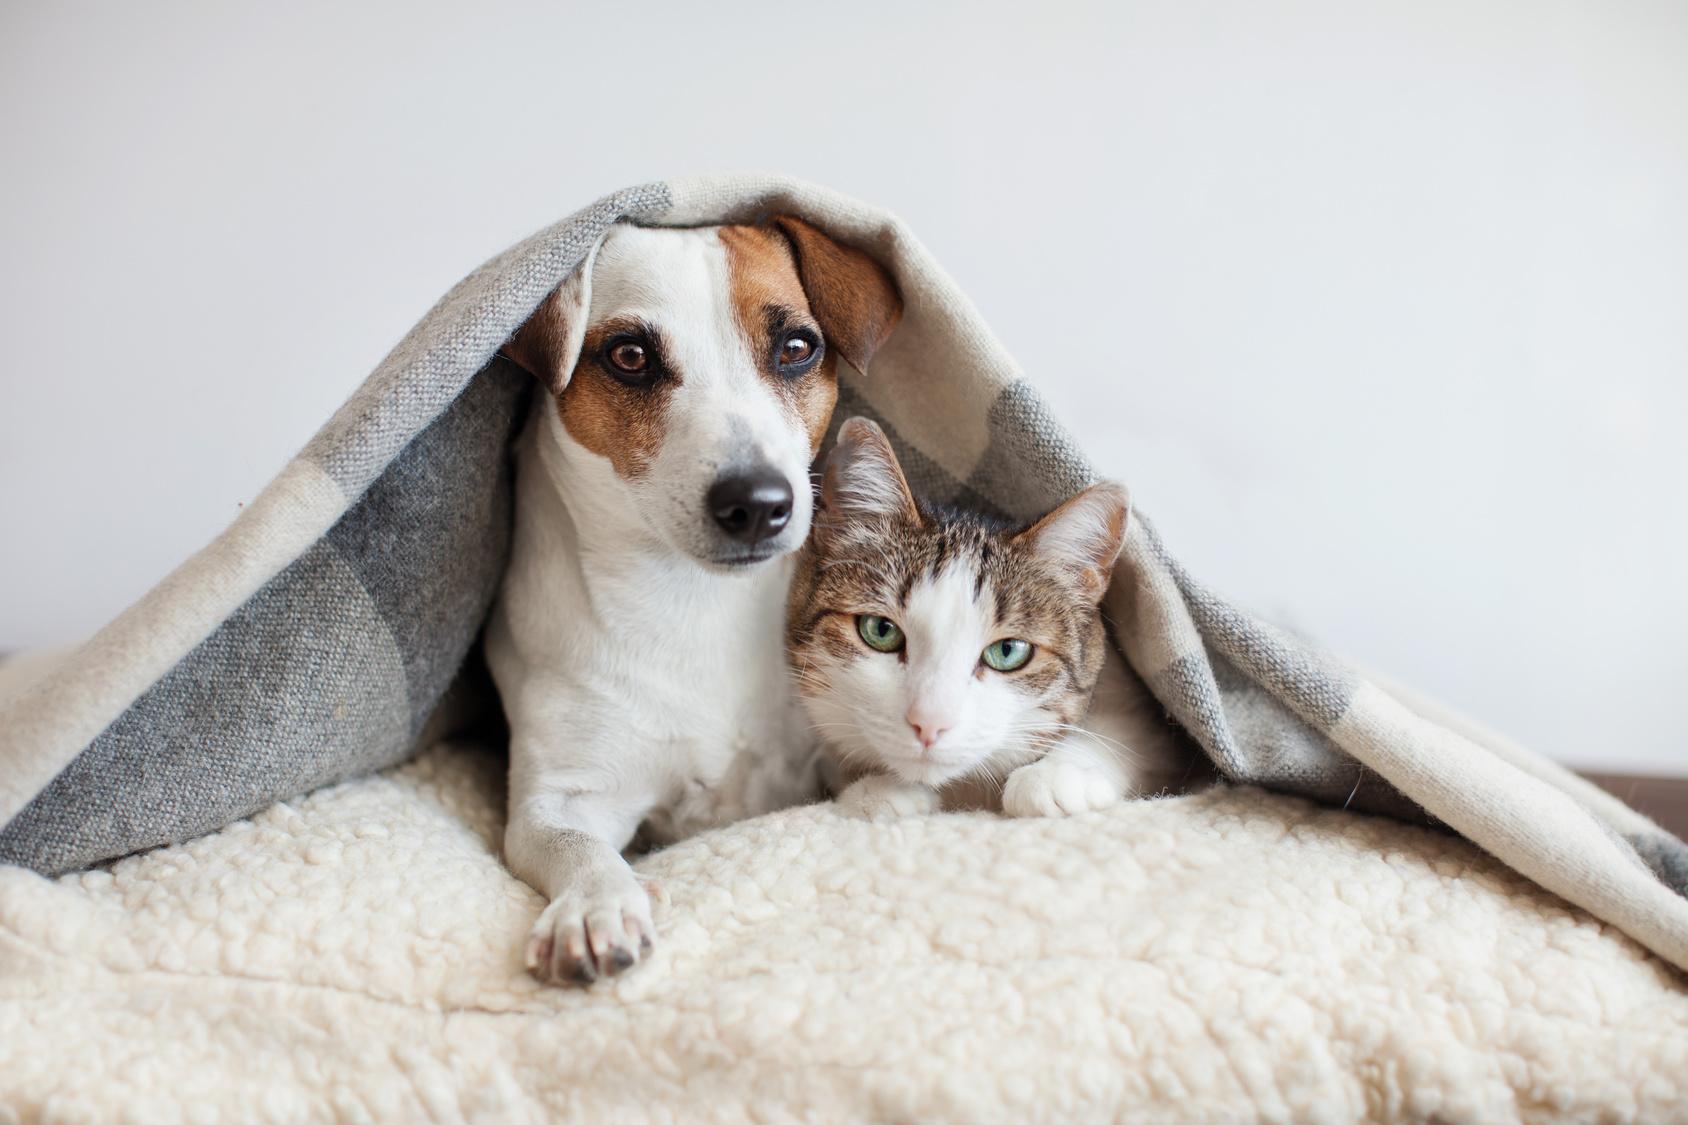 11月22日はペットに感謝する日(THANKS PETS DAY)。ペットにありがとうを伝える方法